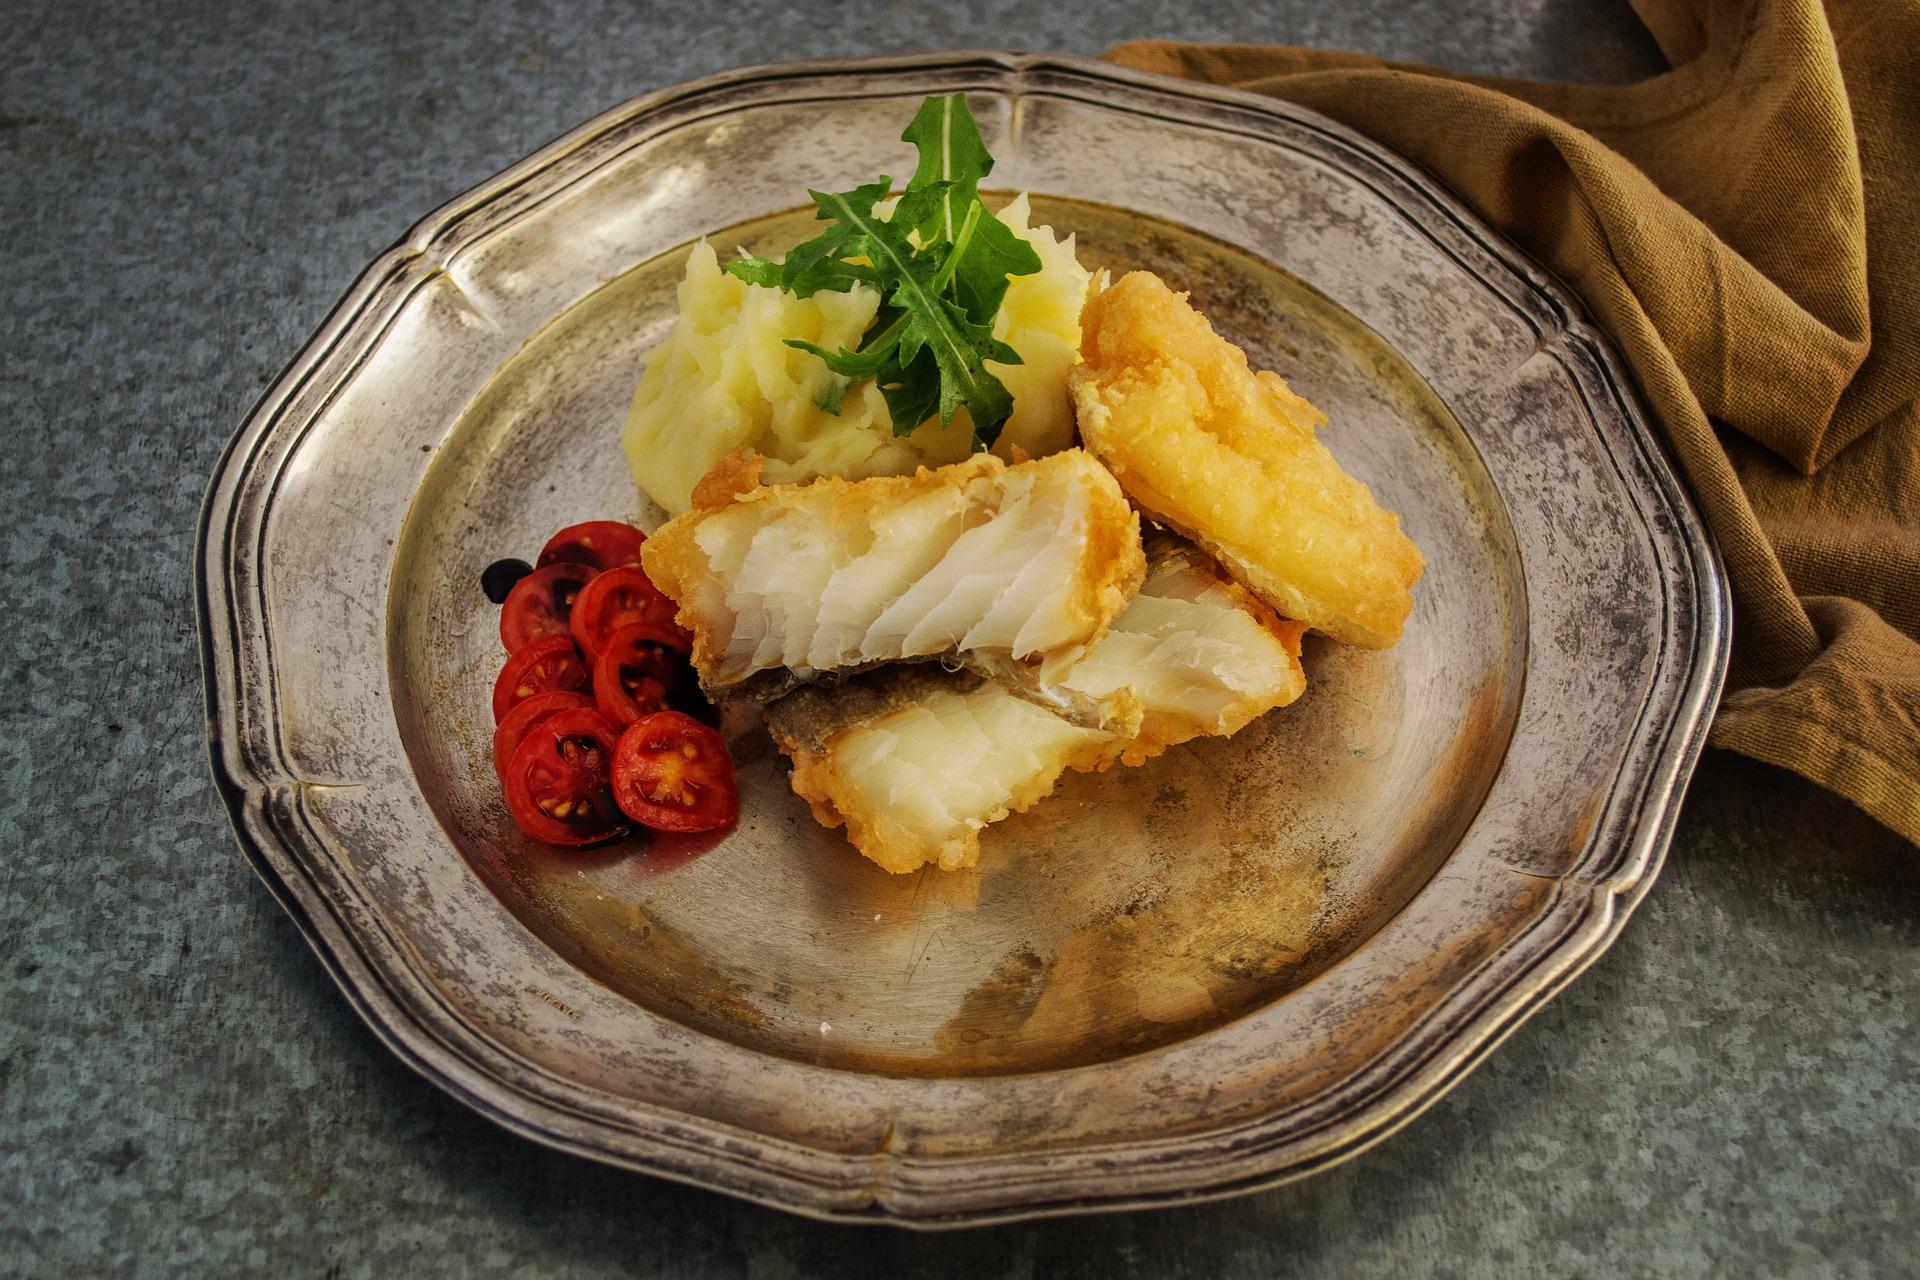 Un plat de bacallà | Pixabay